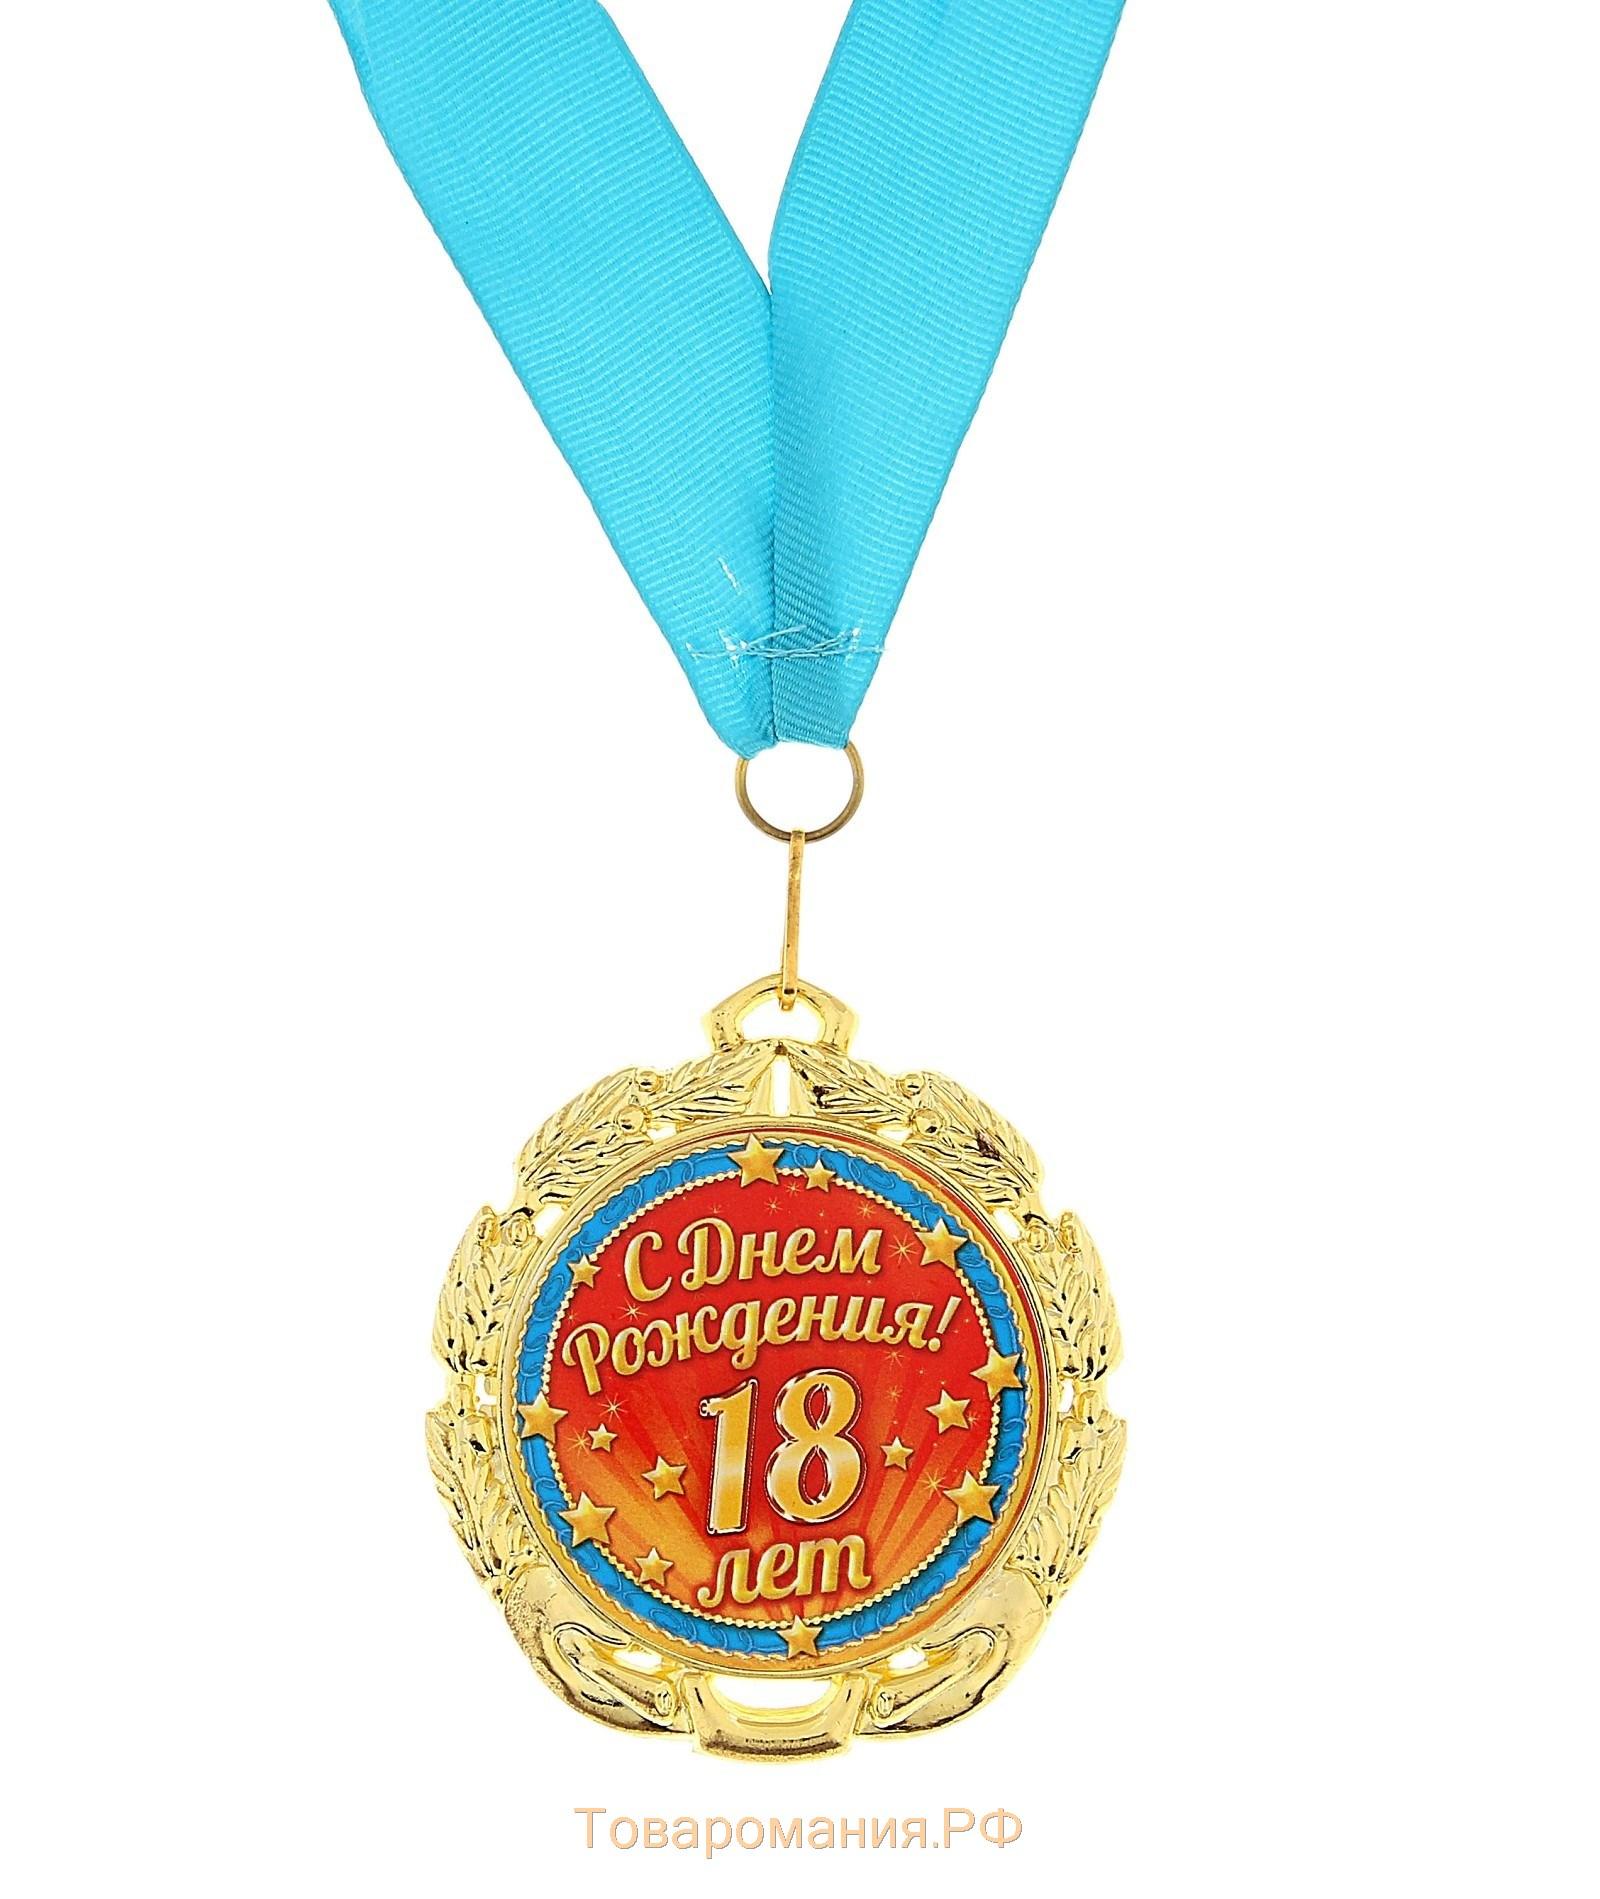 Поздравления для подруги 18 лет